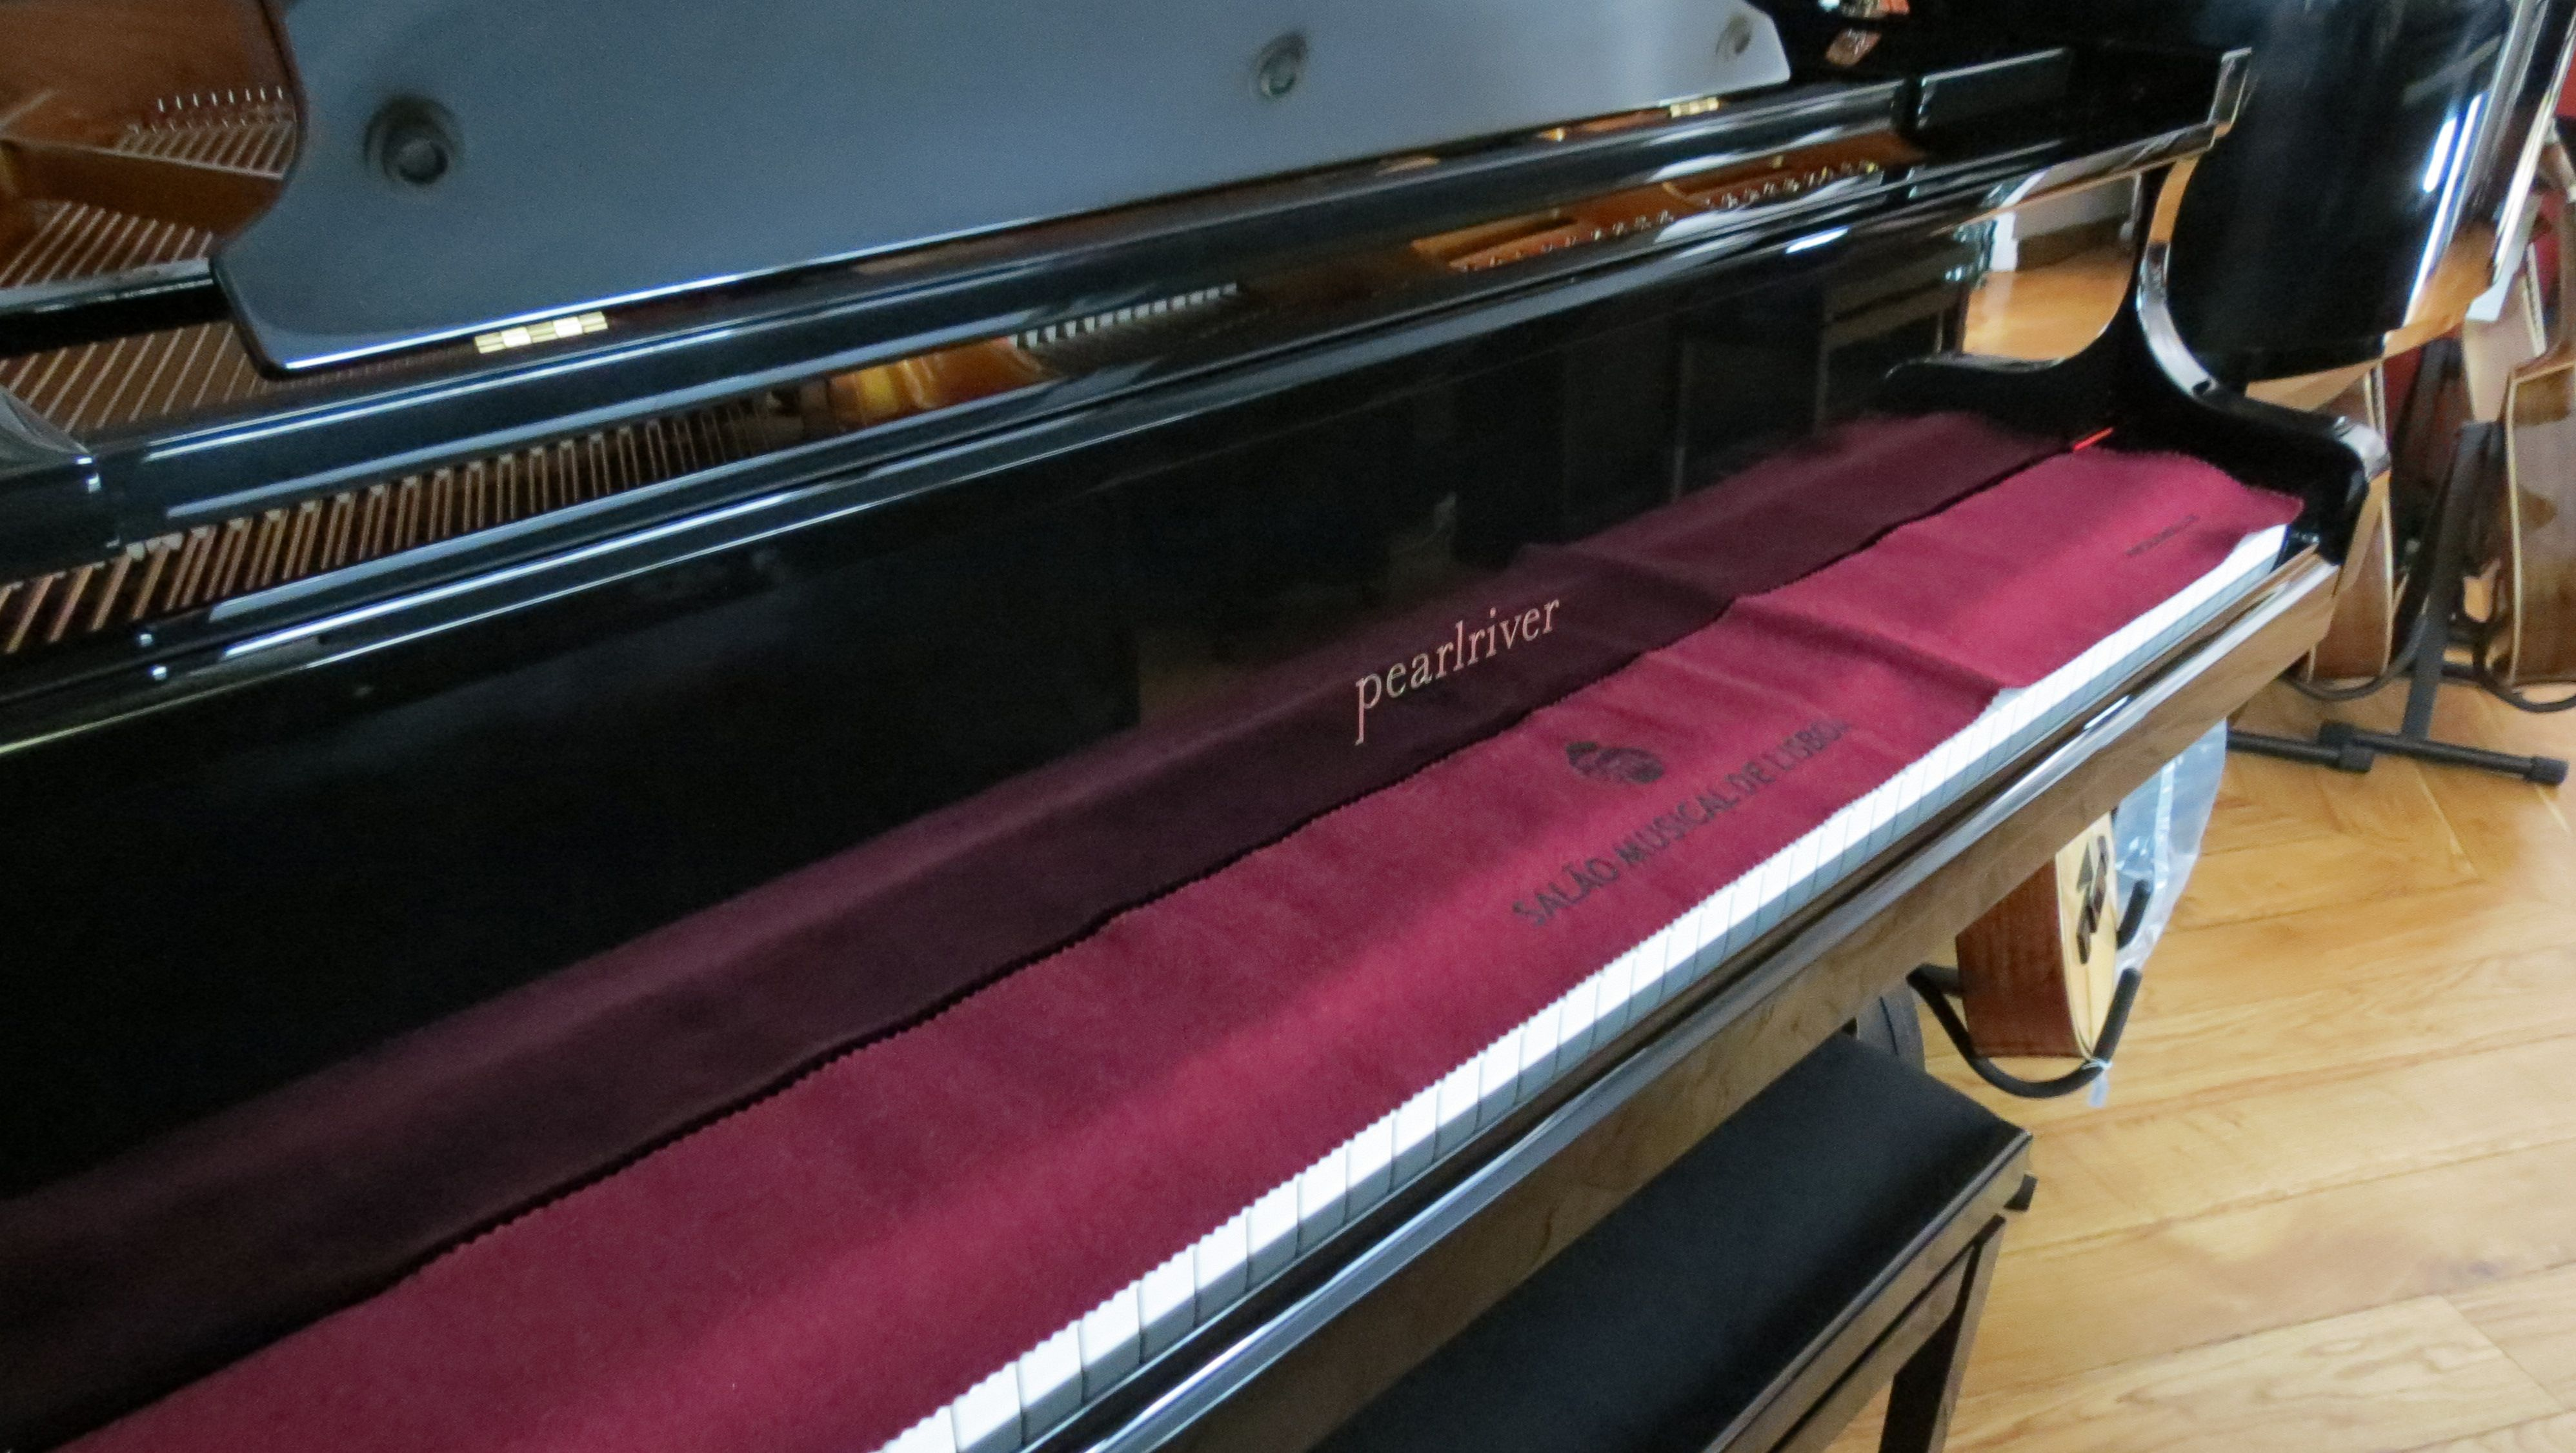 Bom dia! Quer comprar um piano acústico? Venha ao Salão Musical de Lisboa experimentar os pianos Pearl River. No nosso site www.salaomusical.com pode ver modelos e preços.